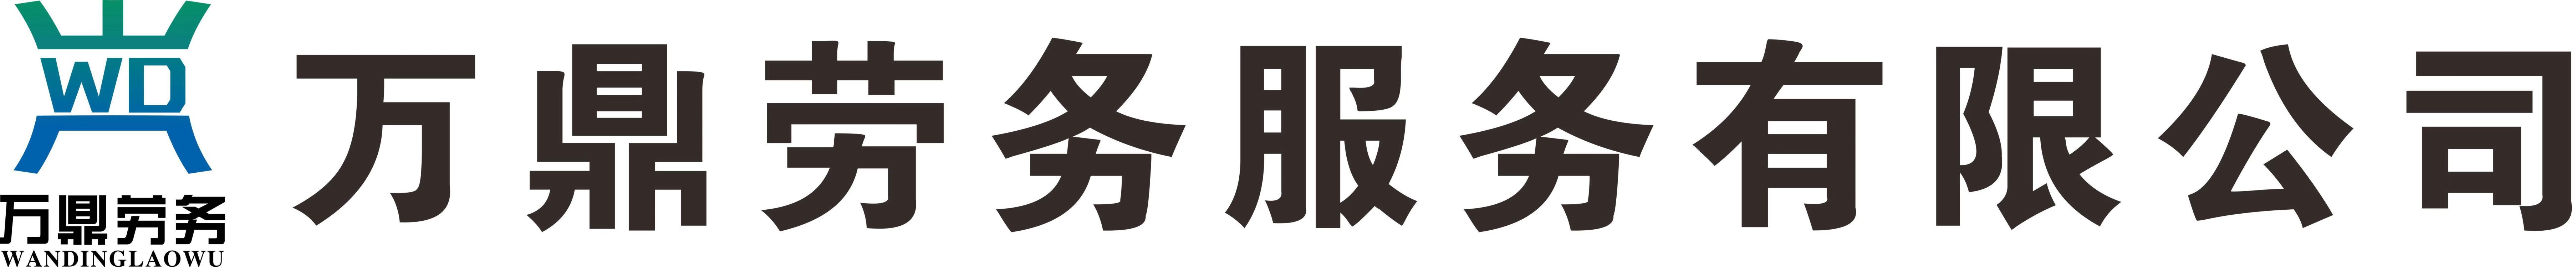 襄阳市出国劳务哪家公司好